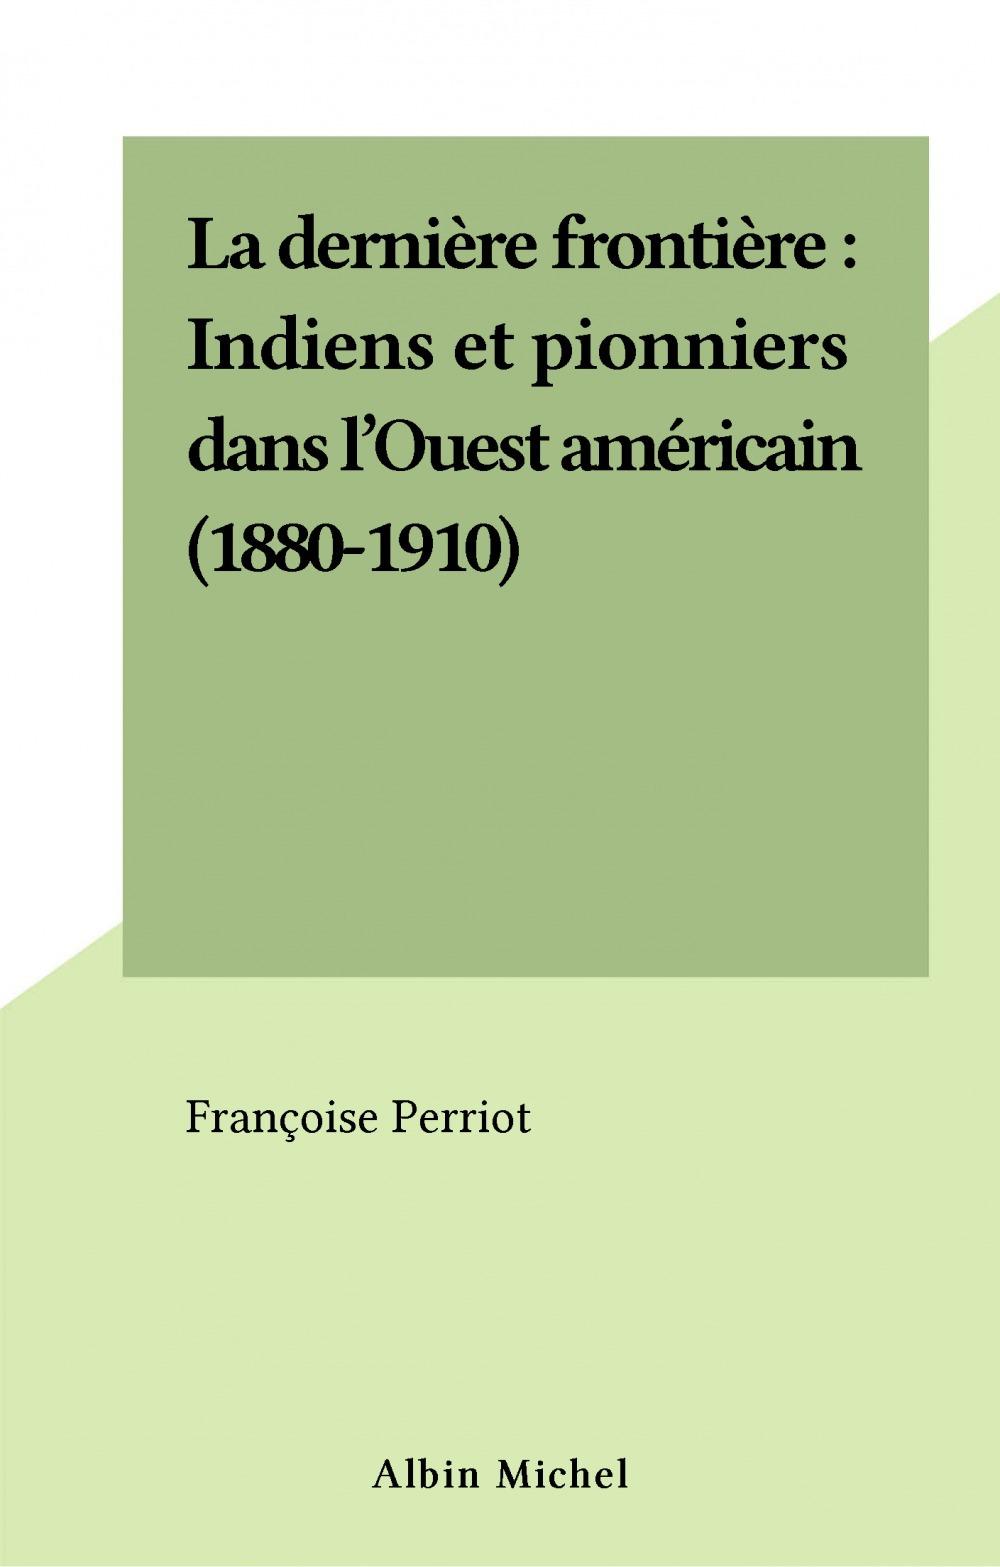 La dernière frontière : Indiens et pionniers dans l'Ouest américain (1880-1910)  - Françoise Perriot